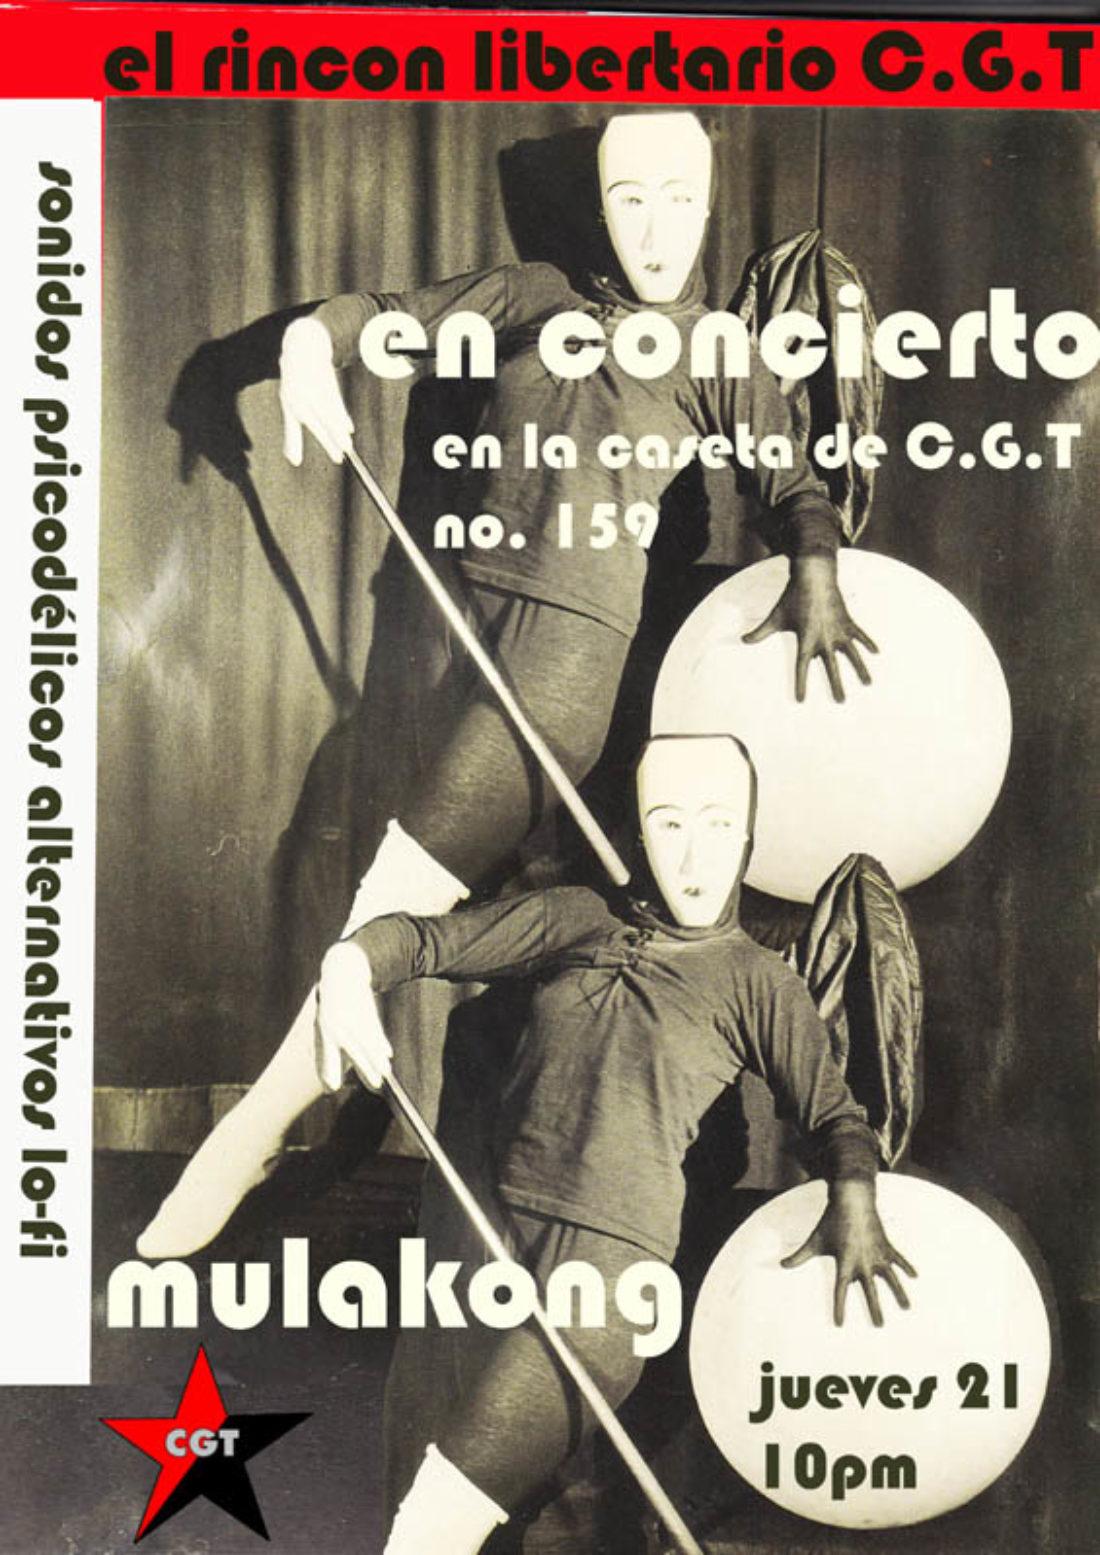 Málaga: concierto de MULAKONG en el RINCÓN LIBERTARIO, la caseta de CGT en la Feria